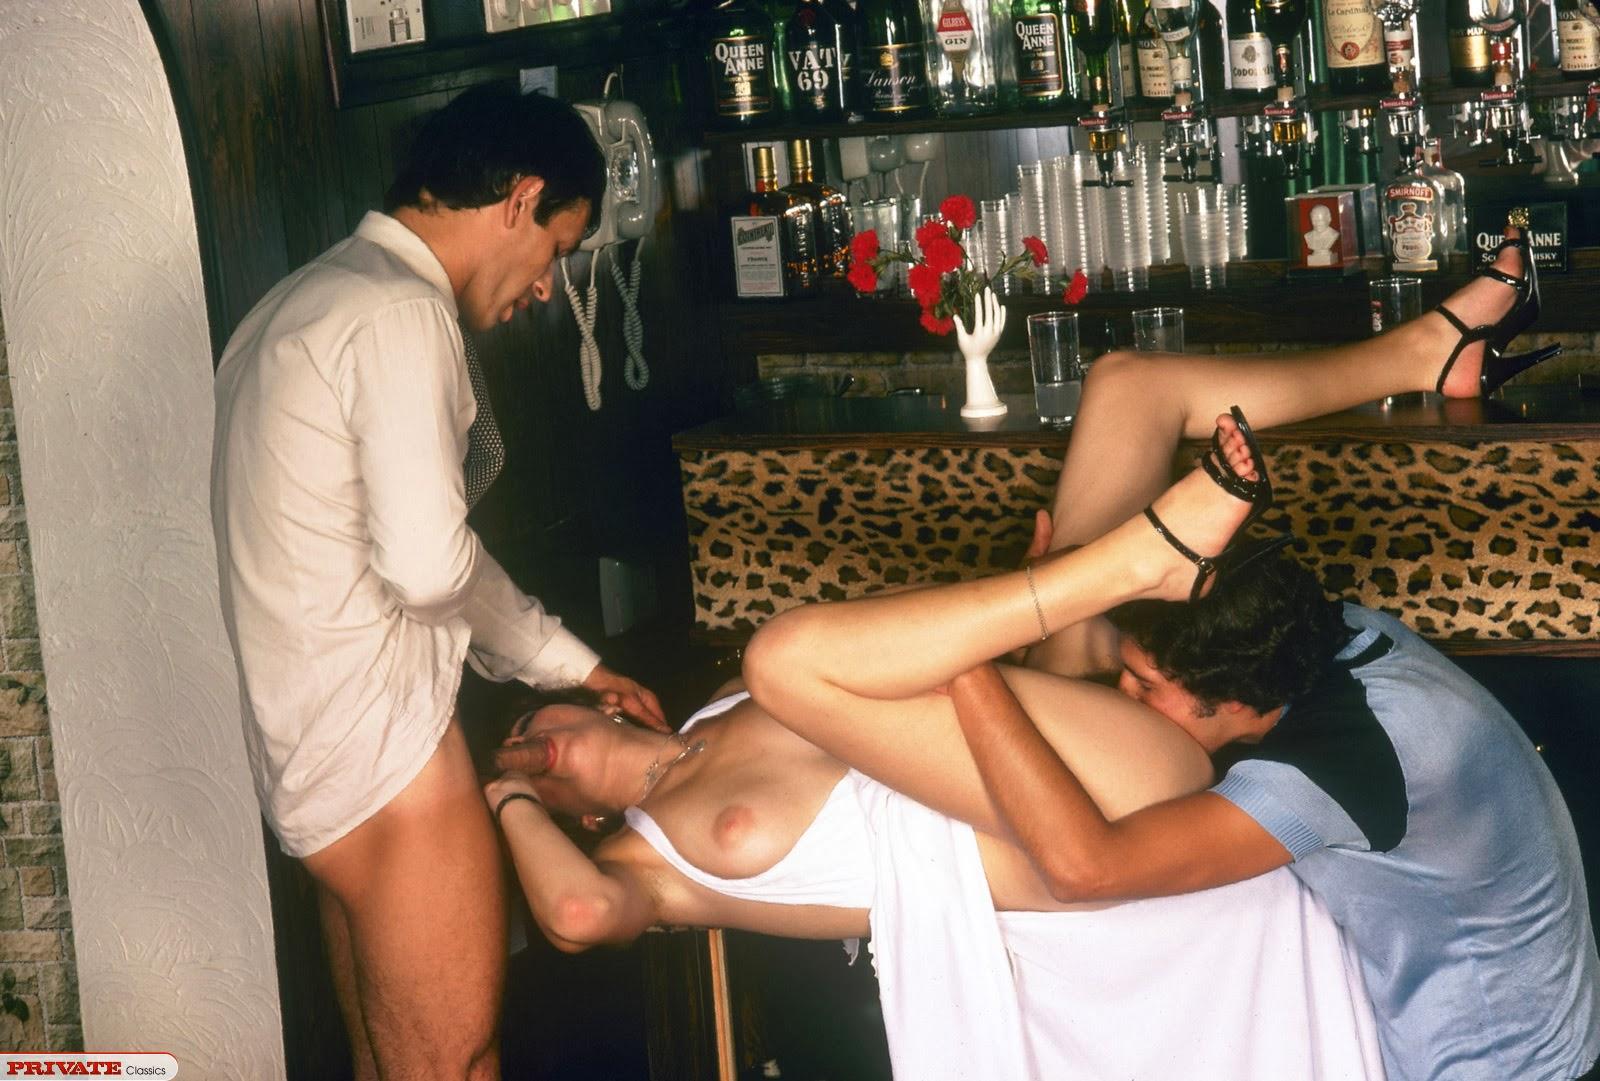 Смотреть бесплатно порно в шкафу, Порно в офисе. Секс с секретаршей 2 фотография